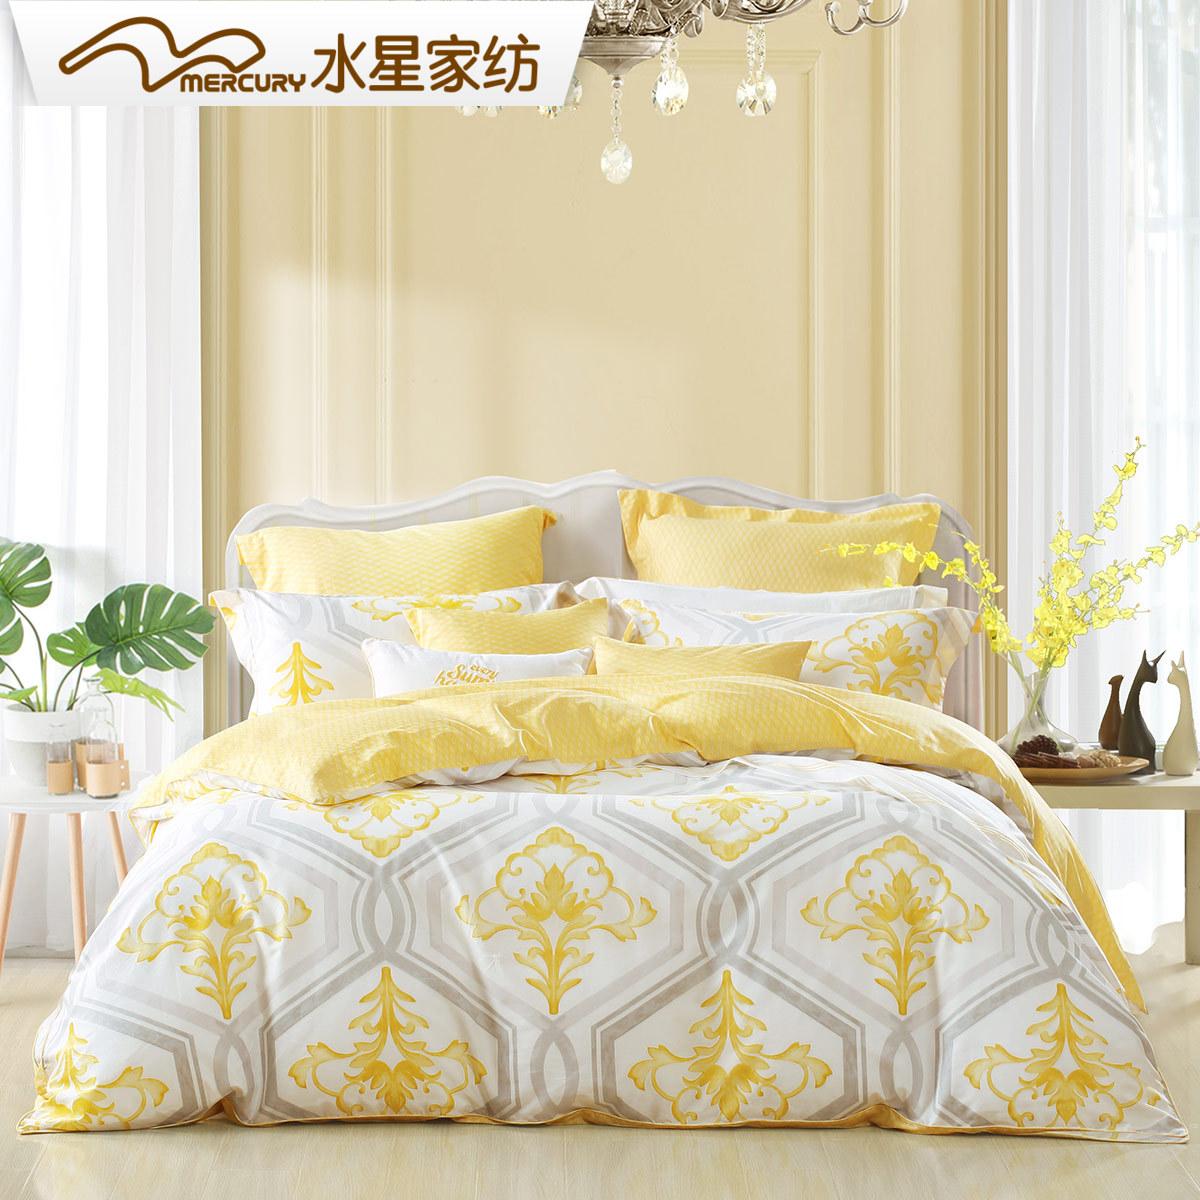 水星家纺全棉四件套1.8m纯棉被套床单蒙瑞娜床上用品